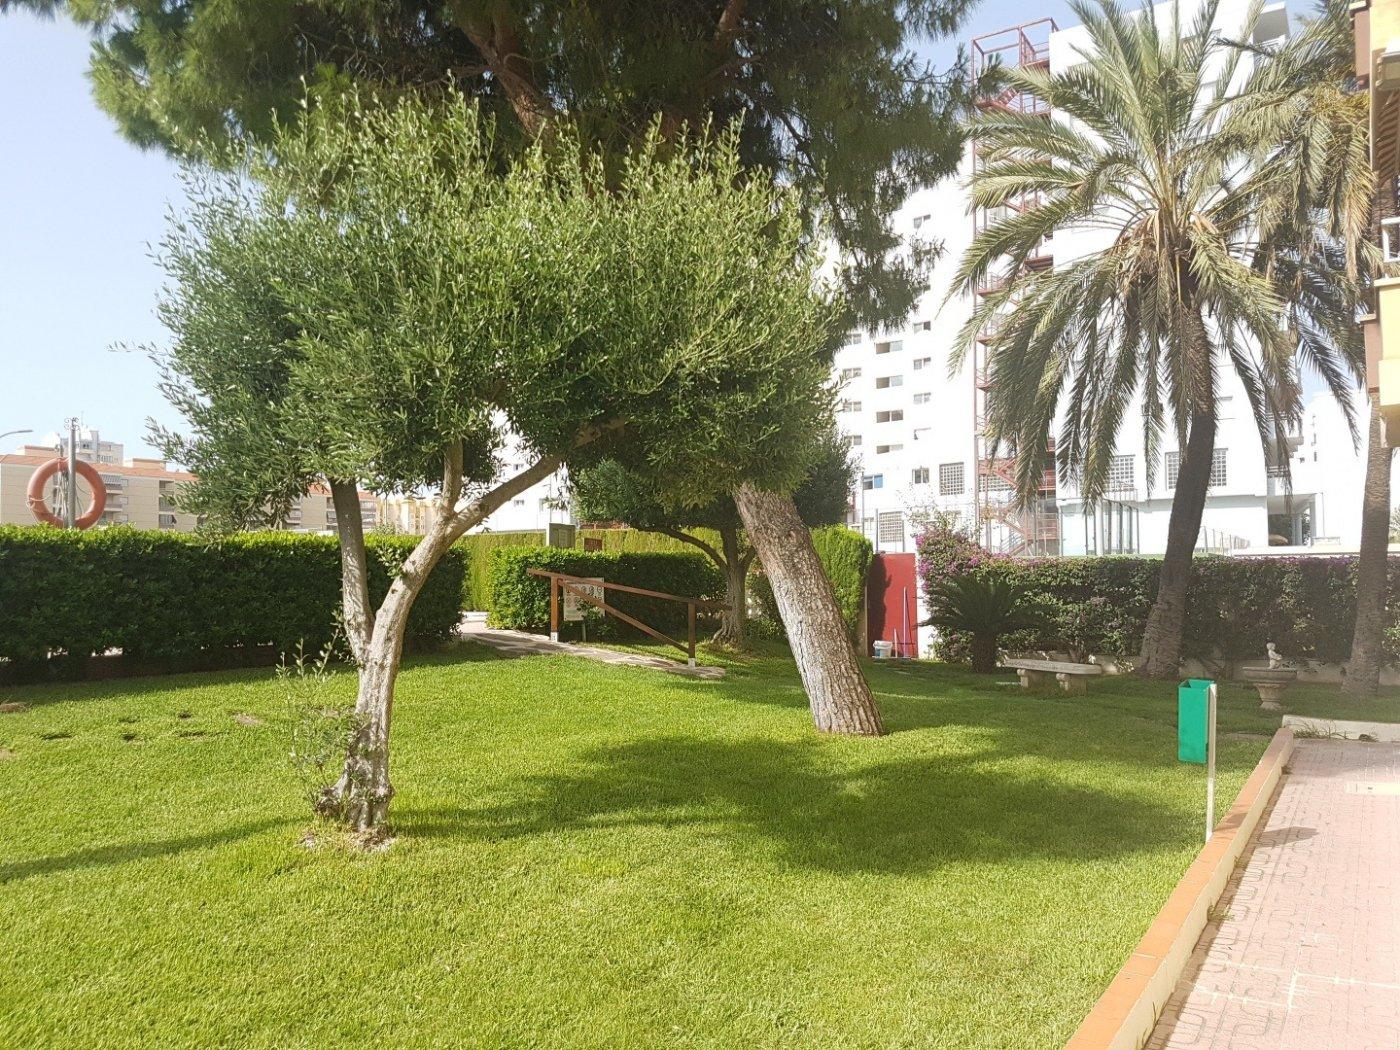 Apartamento en residencial tranquilo con parques, jardines, piscina comunitaria. - imagenInmueble24